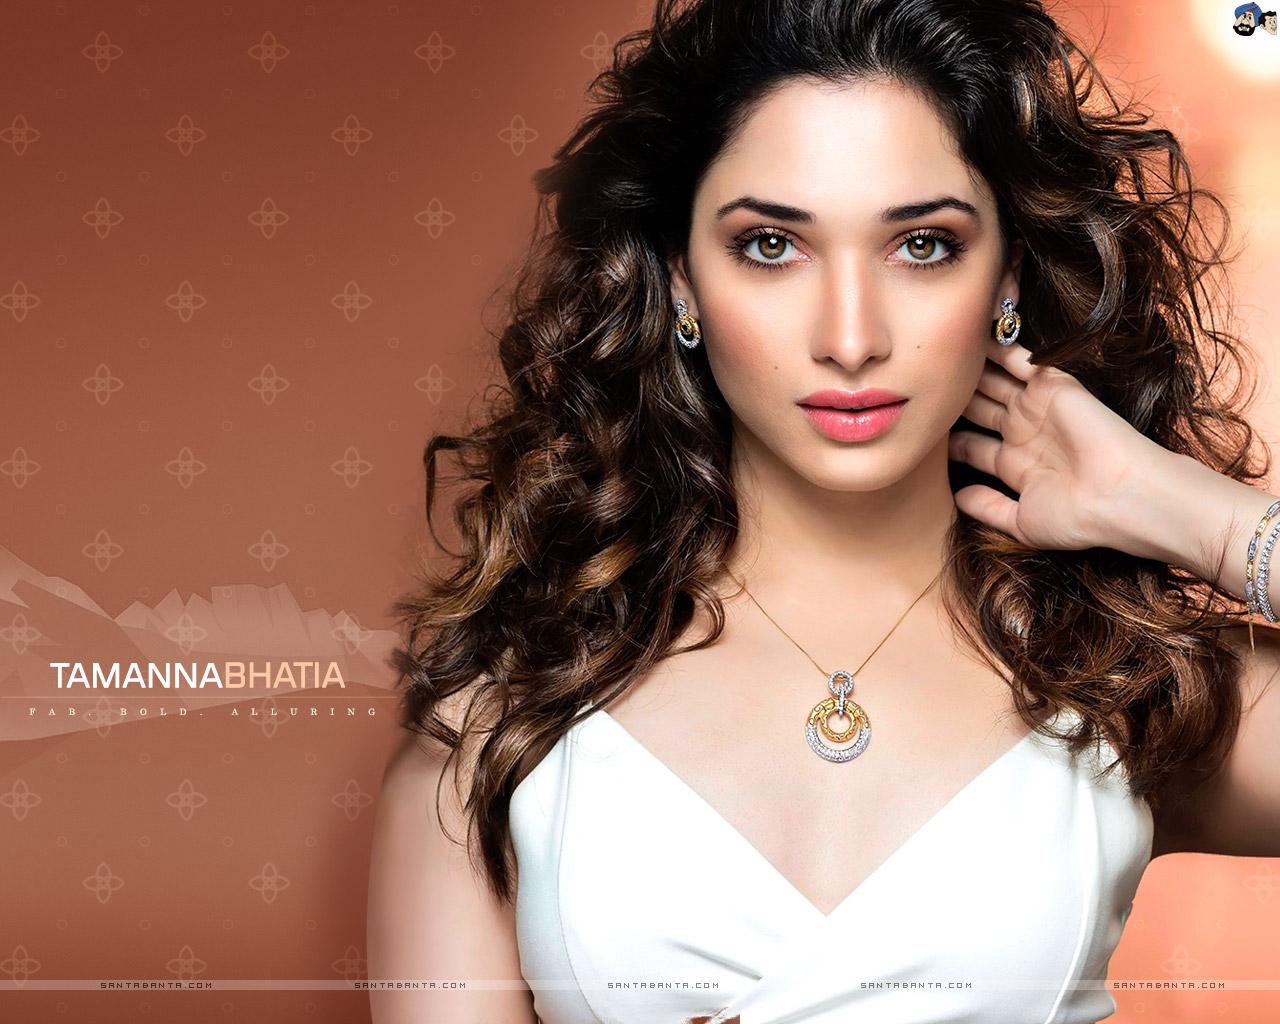 Tamanna Beautiful: Tamanna Bhatia HD Wallpapers